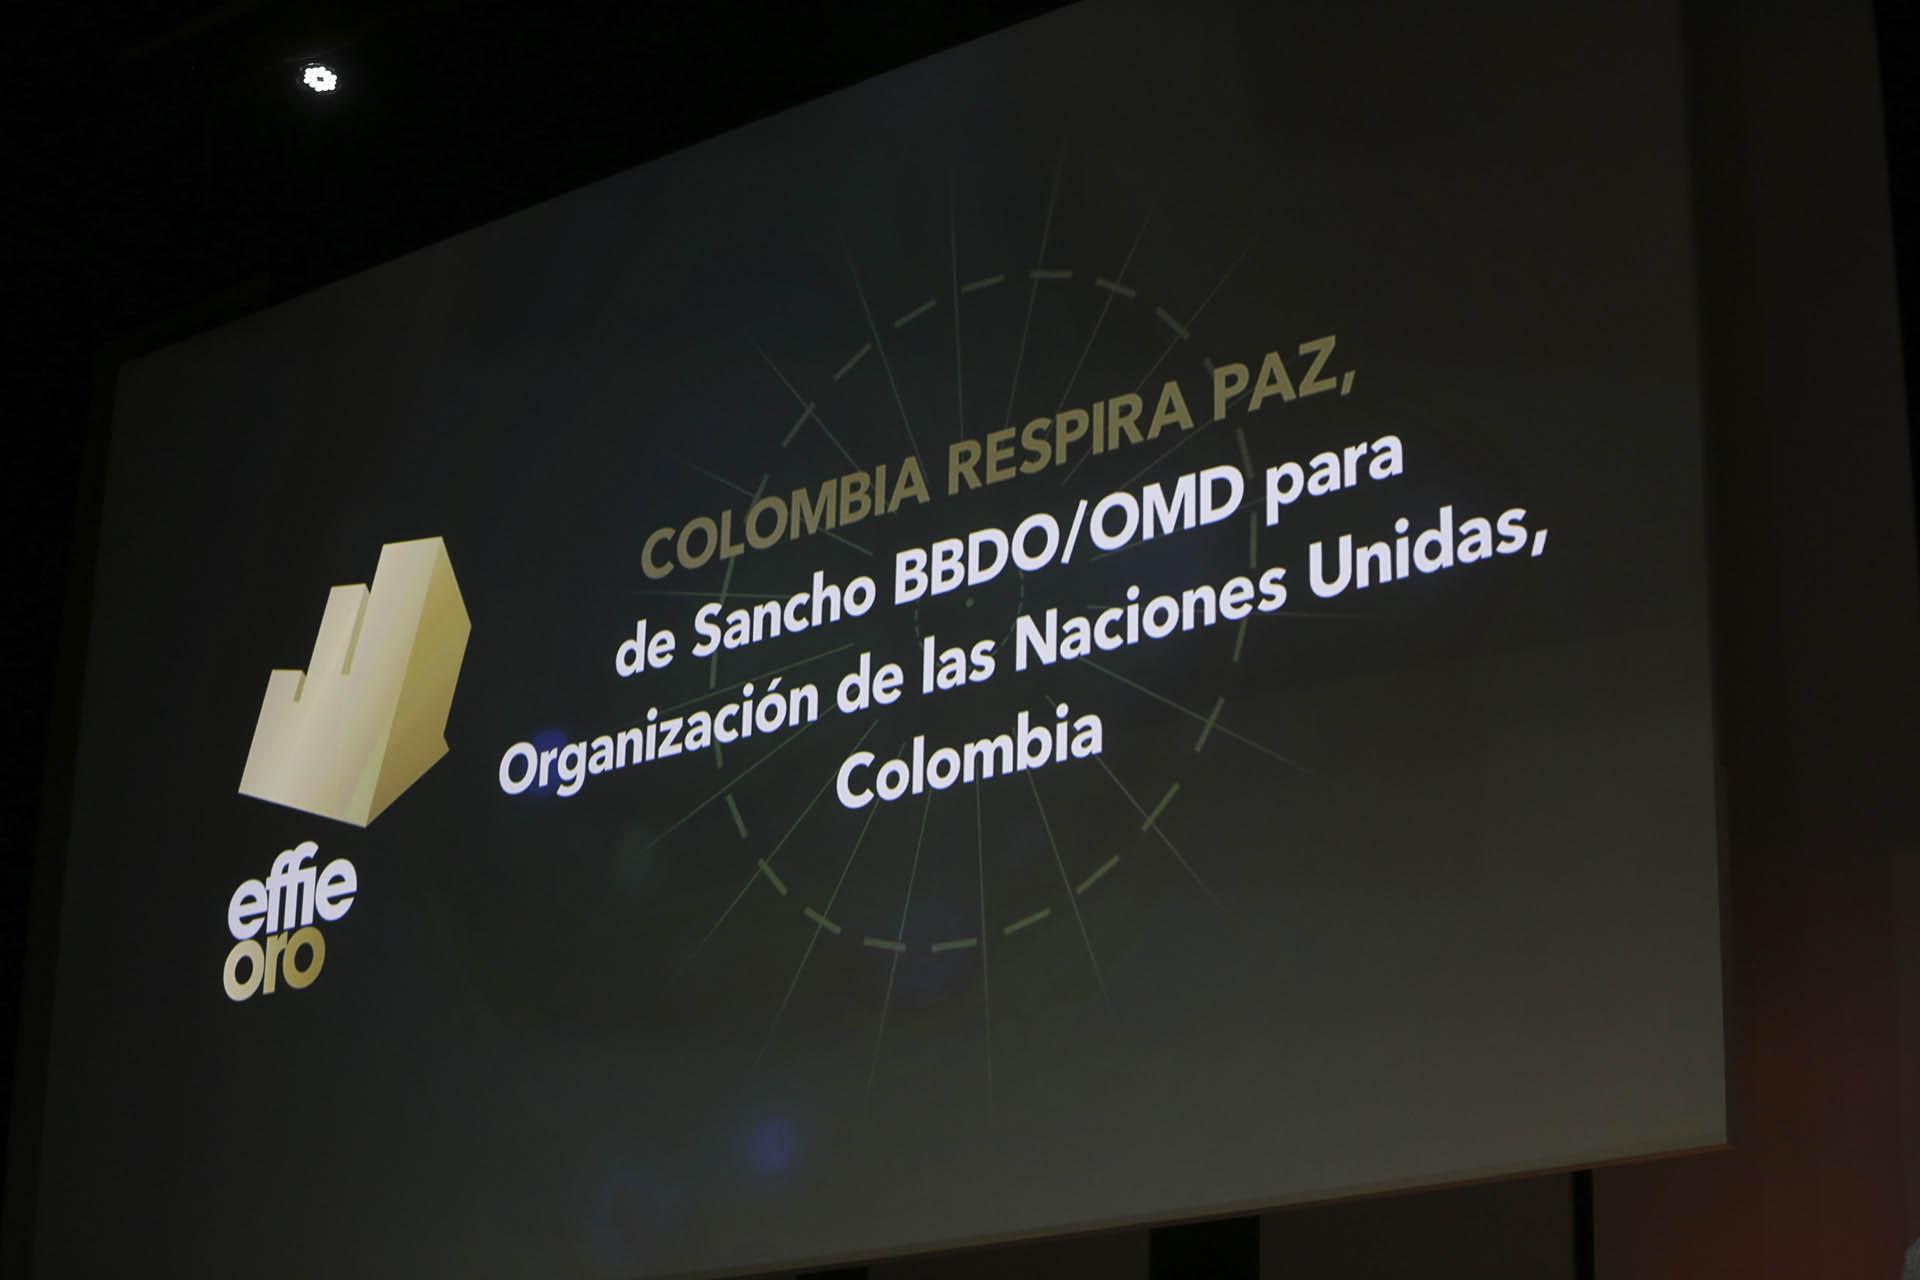 """El premio Effie de Oro en la categoría Gobierno, fue para """"Colombia Respira Paz"""", de Sancho BBDO/OMD para Organización de las Naciones Unidas, Colombia"""